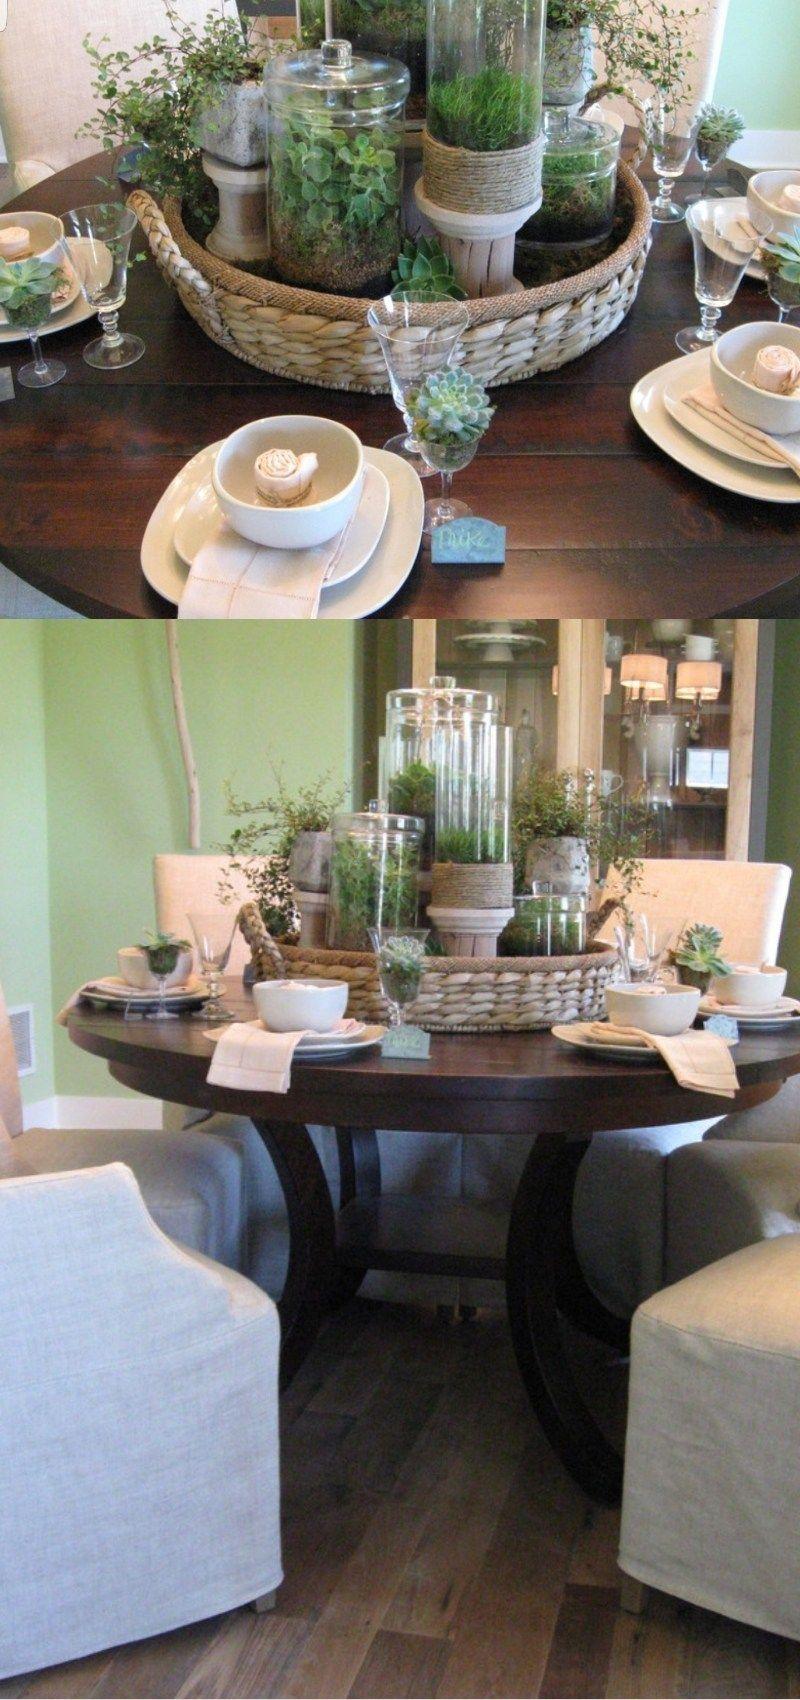 Best living room centerpiece ideas